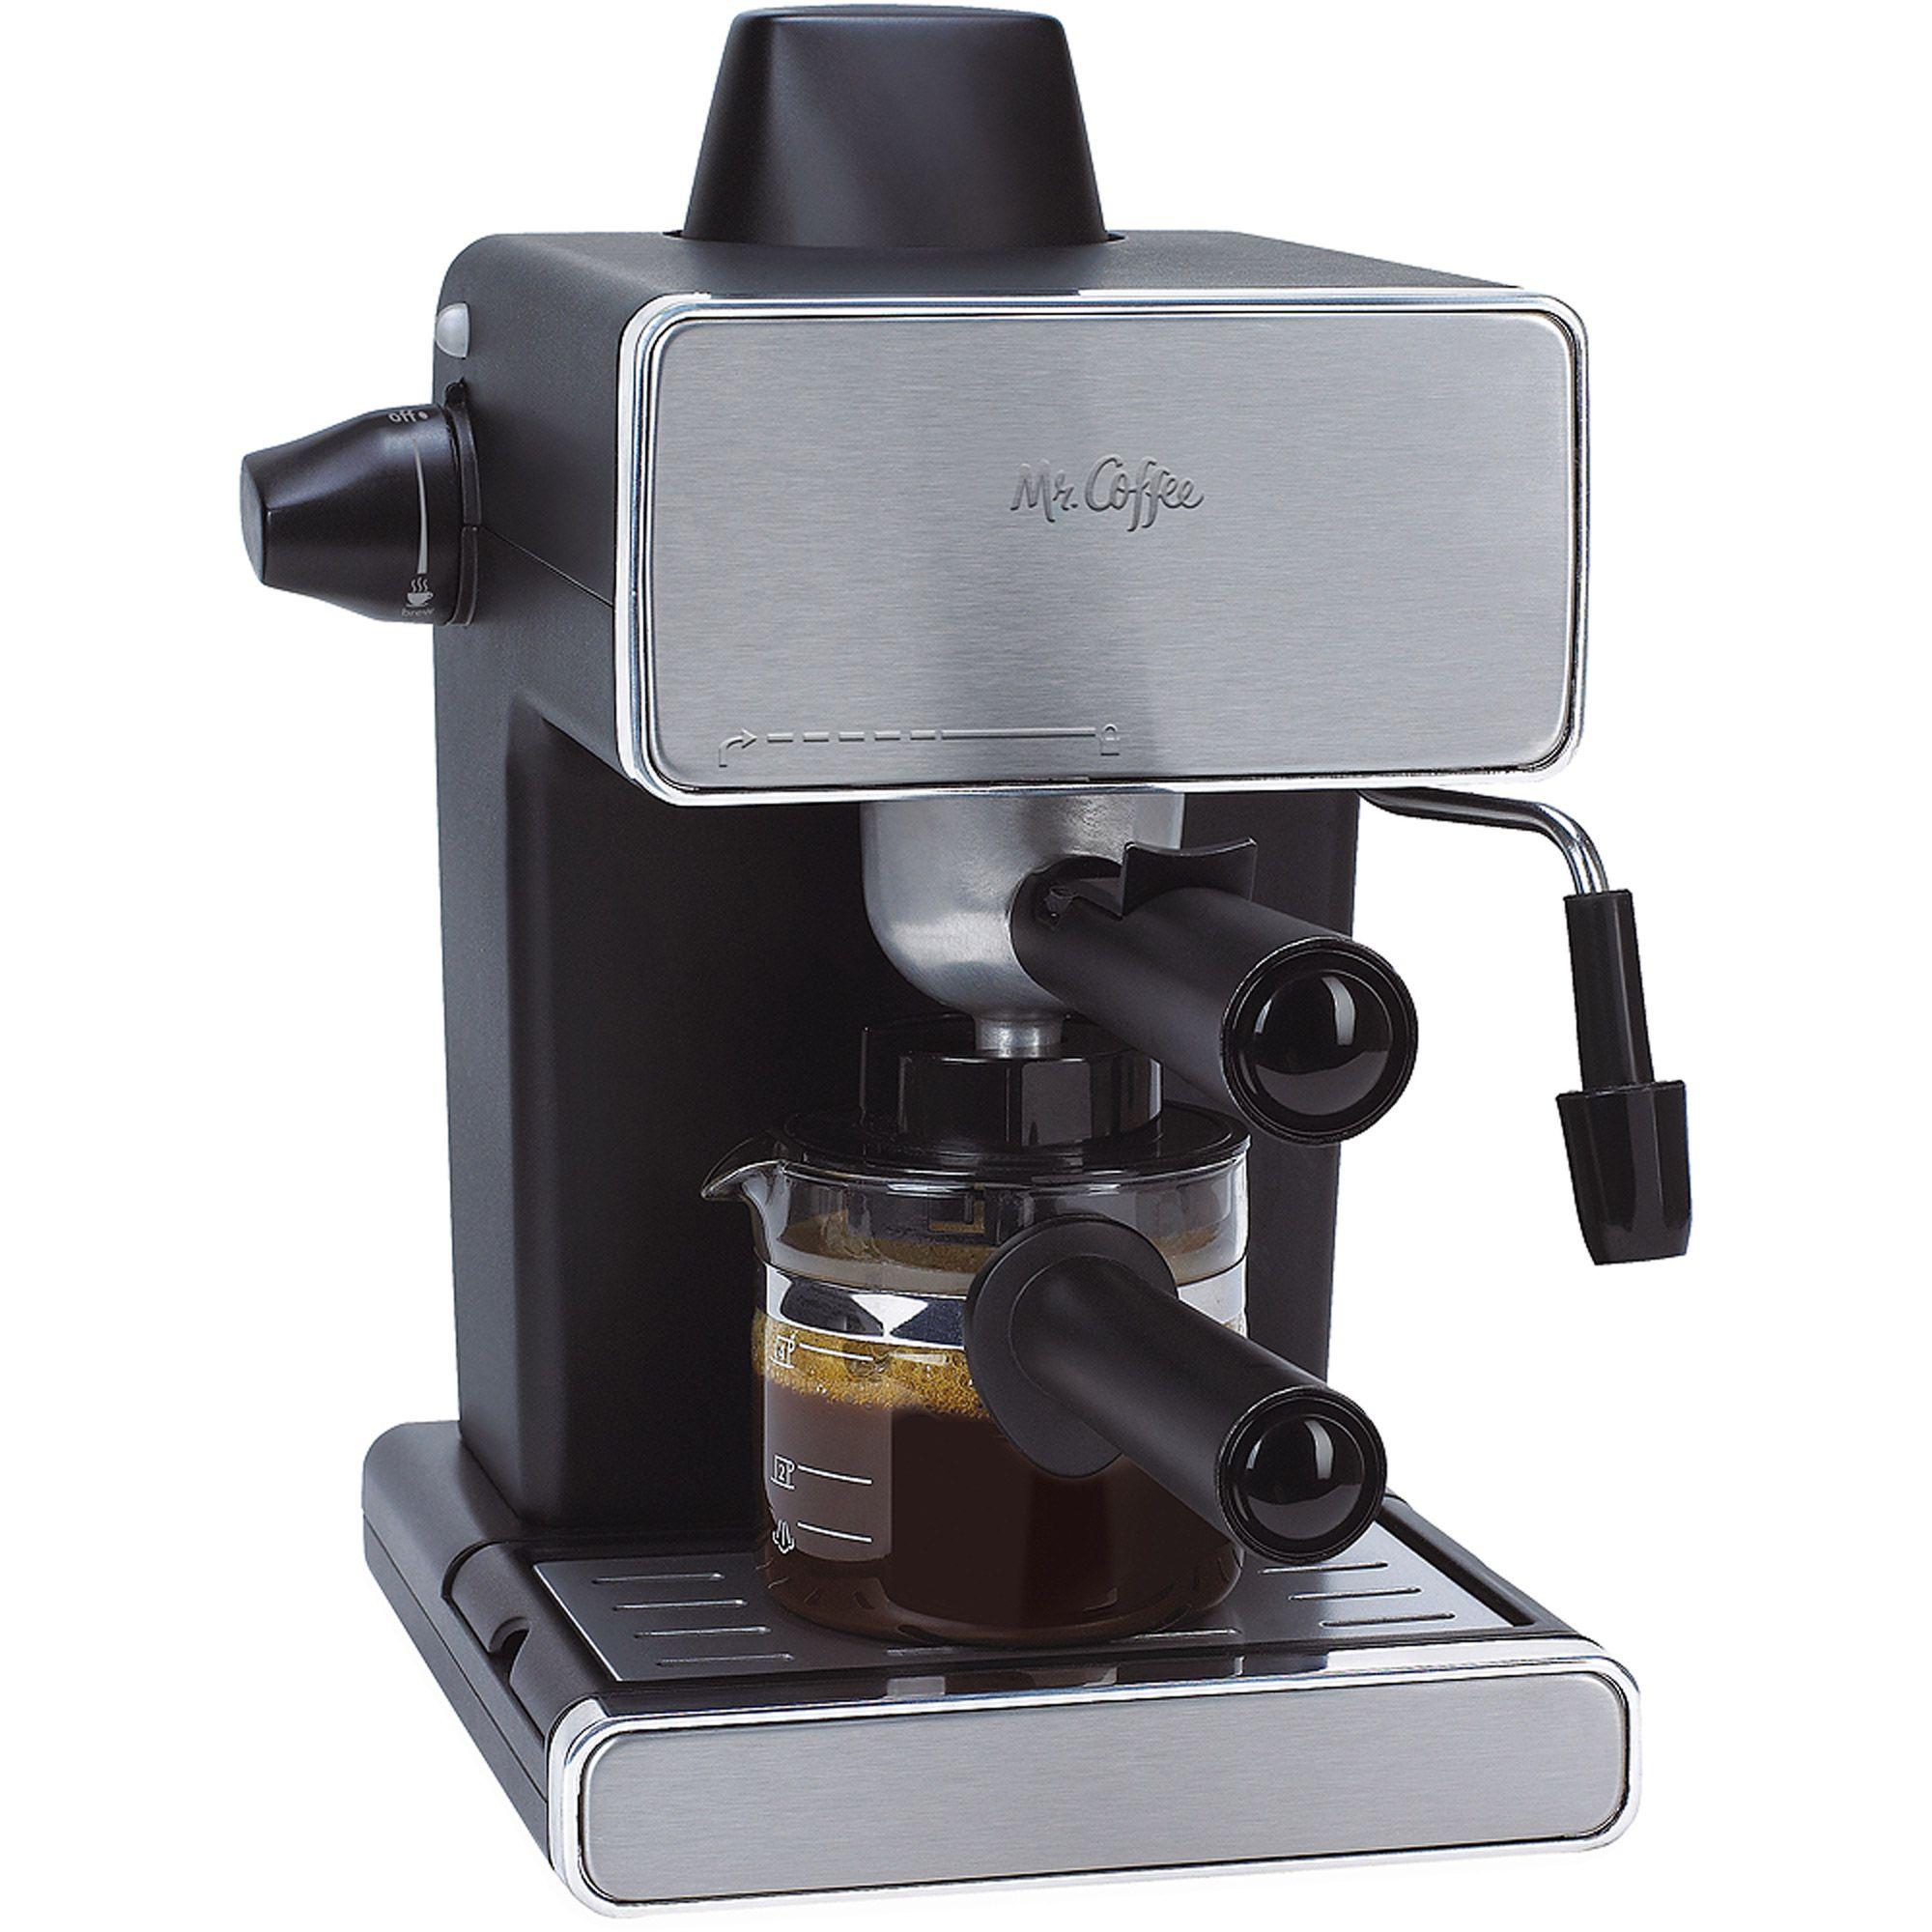 Steam Espresso Machines beverages coffee drinks